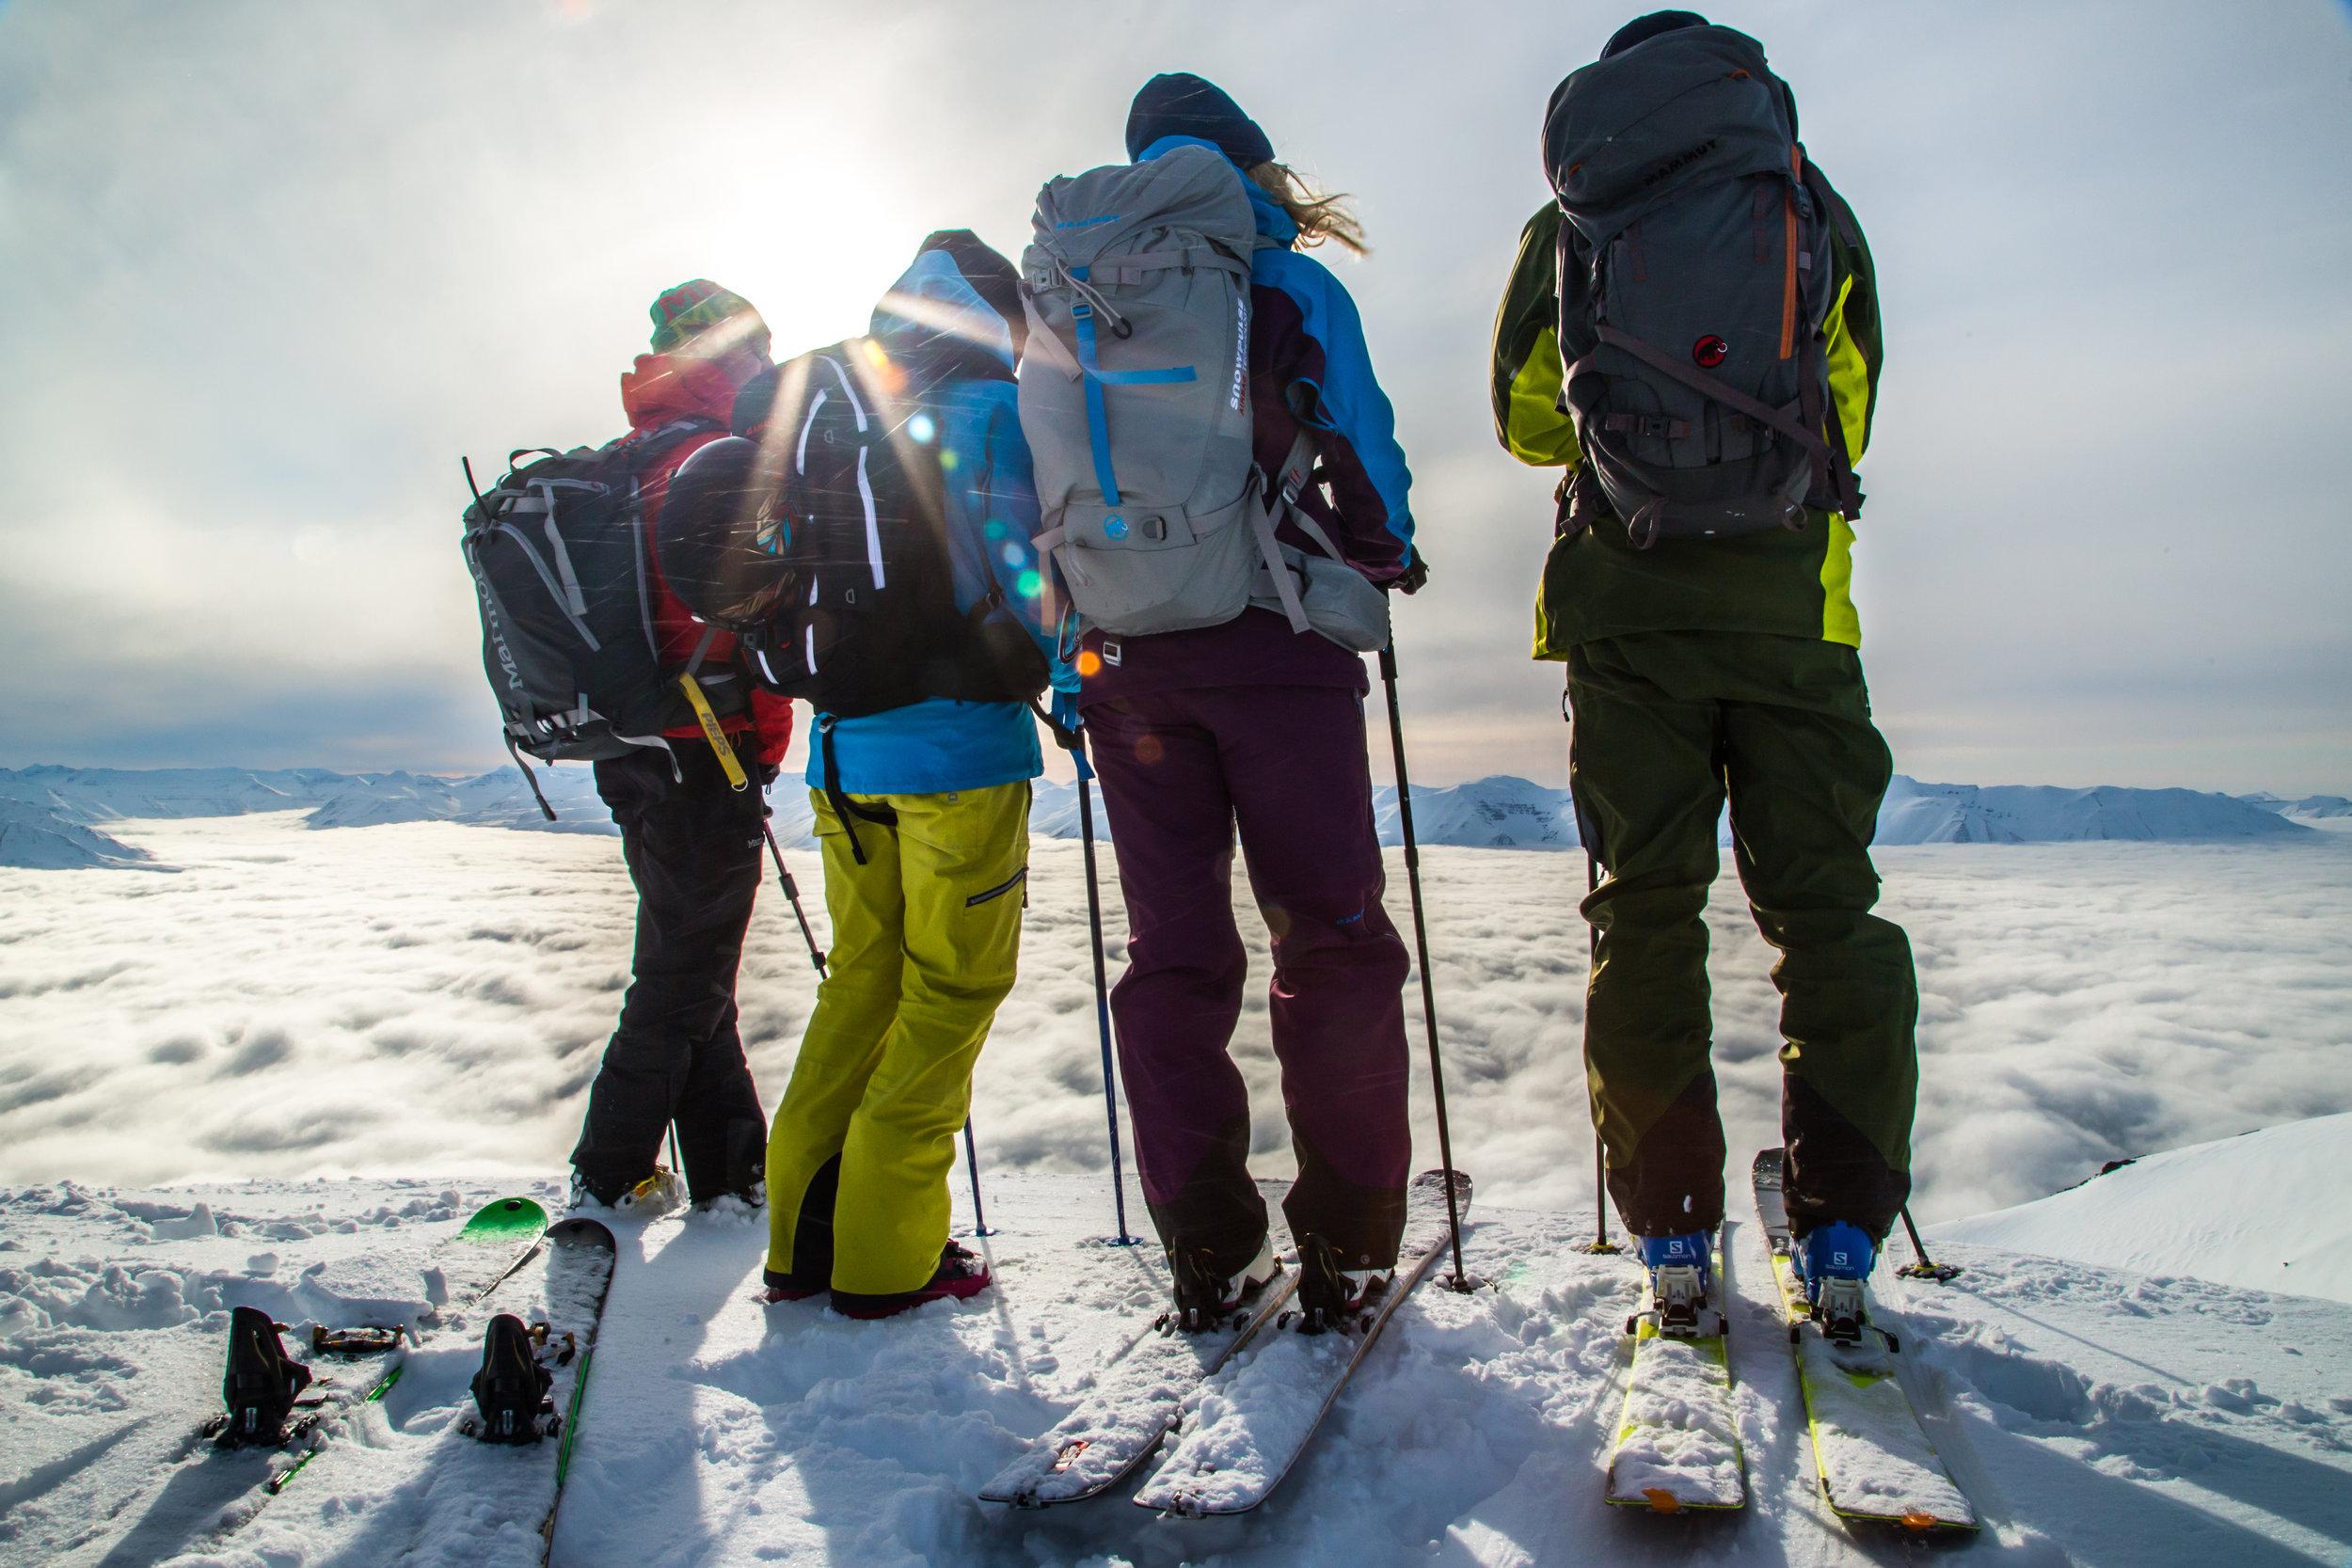 Skiers-GoldCoast-view-© DirkCollins.jpg